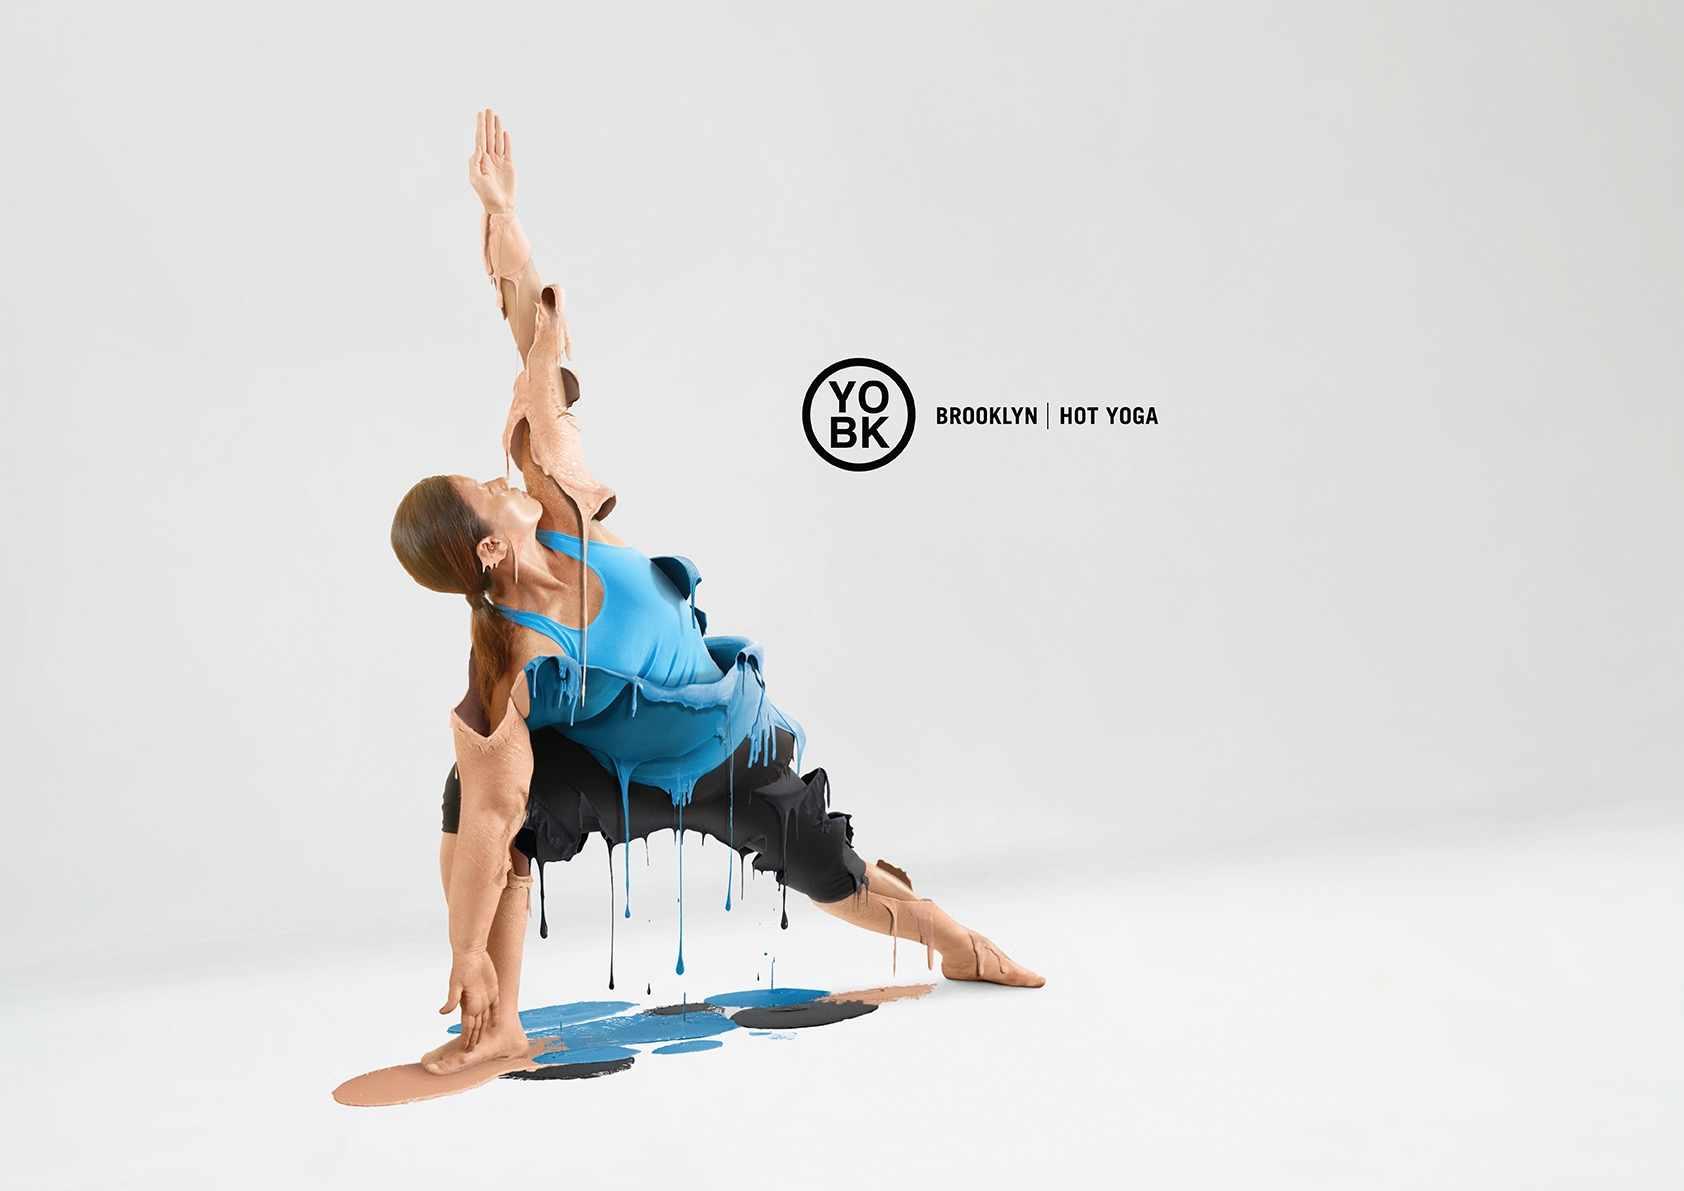 bk_yo_hot_yoga_2_rgb_72.jpg_aotw